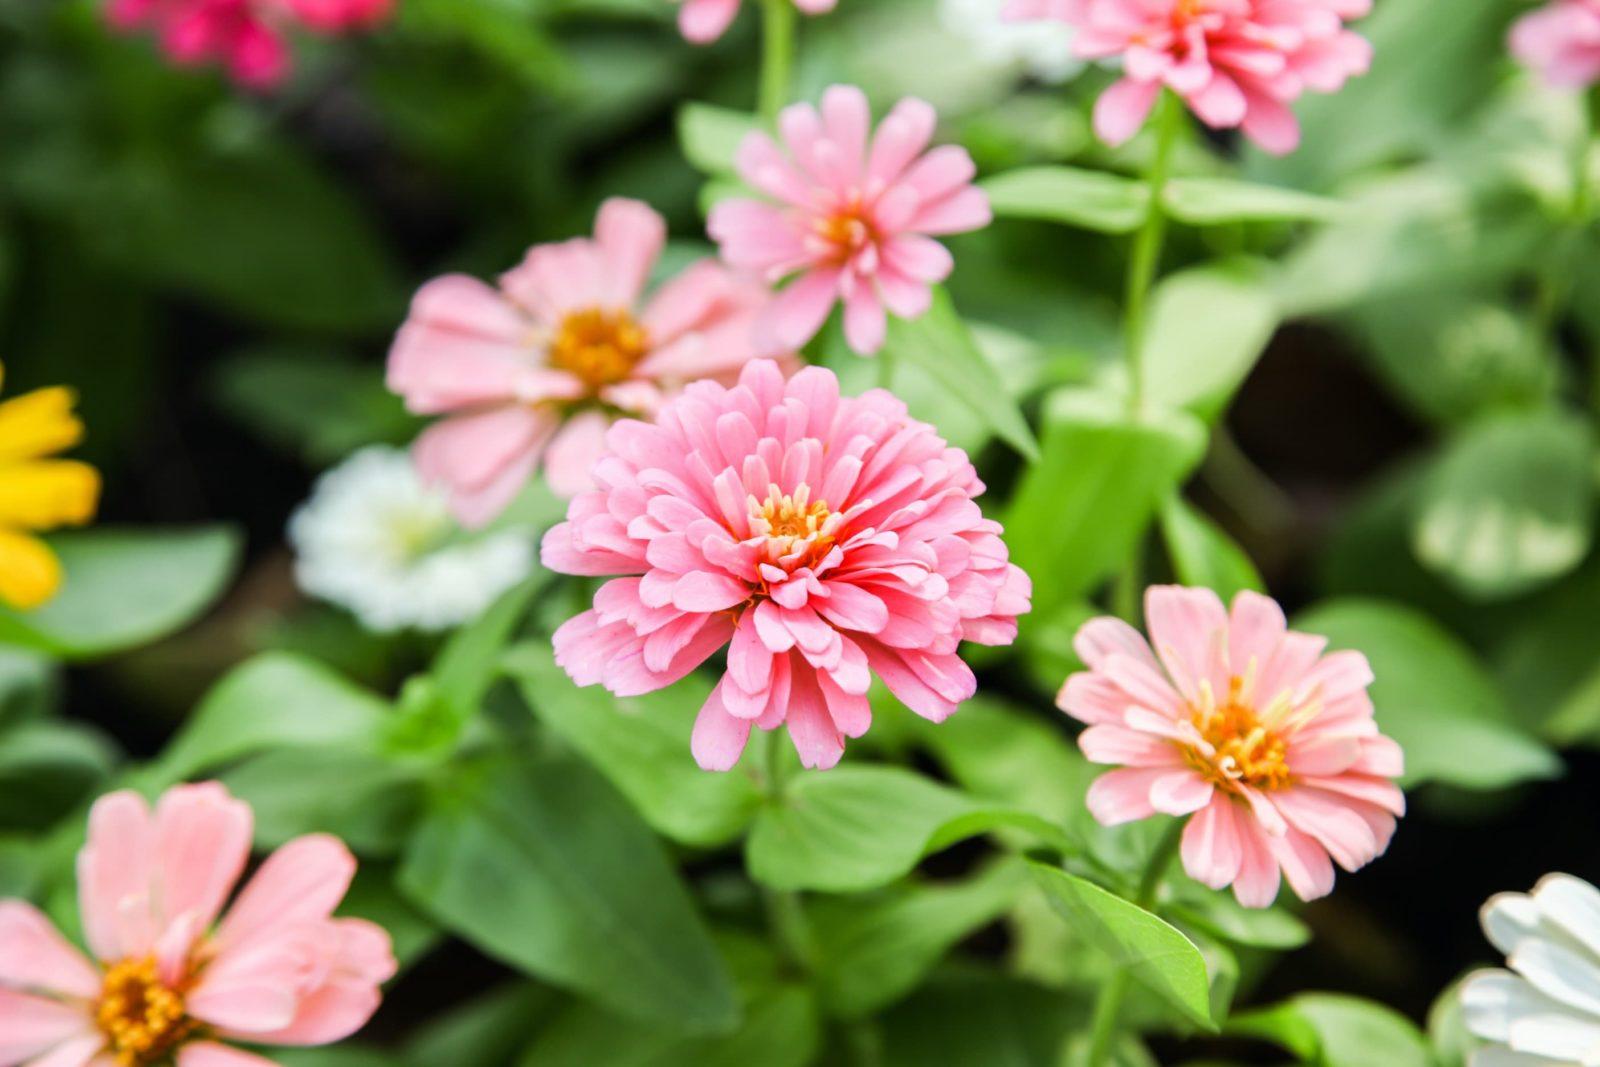 Pink zinnia flowers in a garden